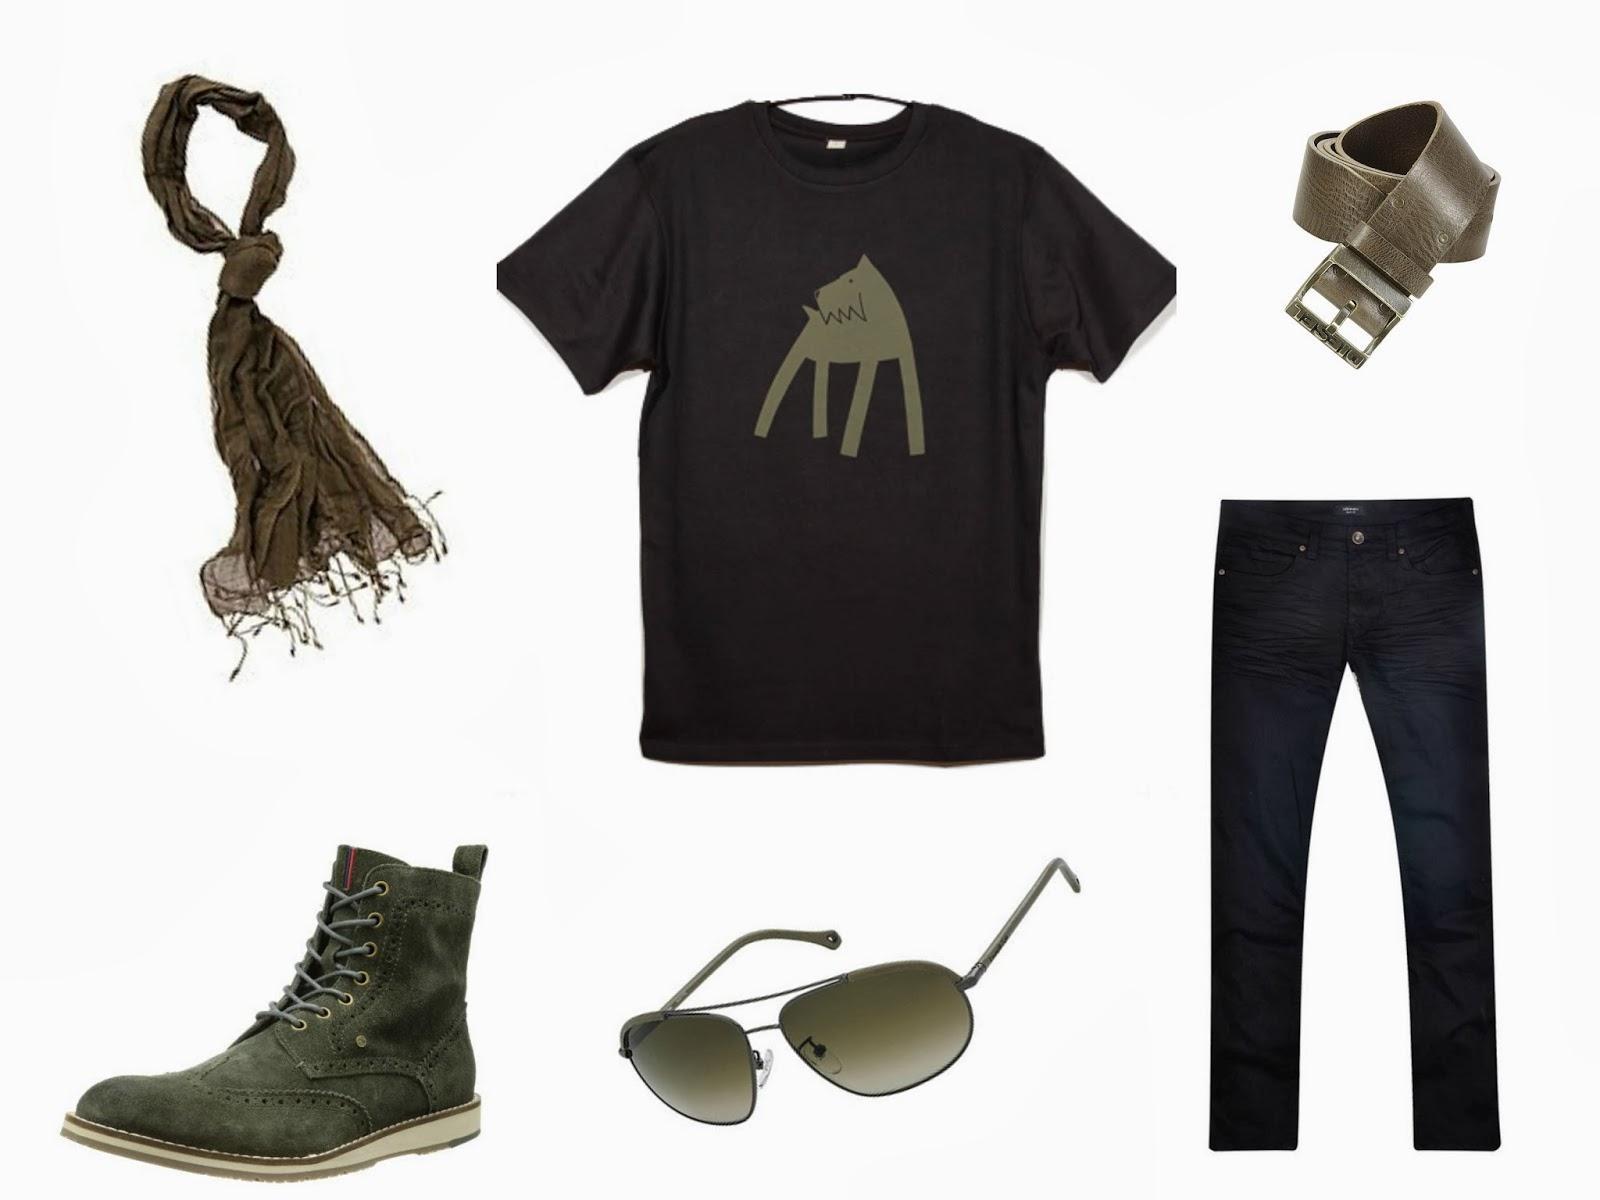 http://quierocamisetass.com/camisetas-hombre/49-camisetas-chico-perro2.html